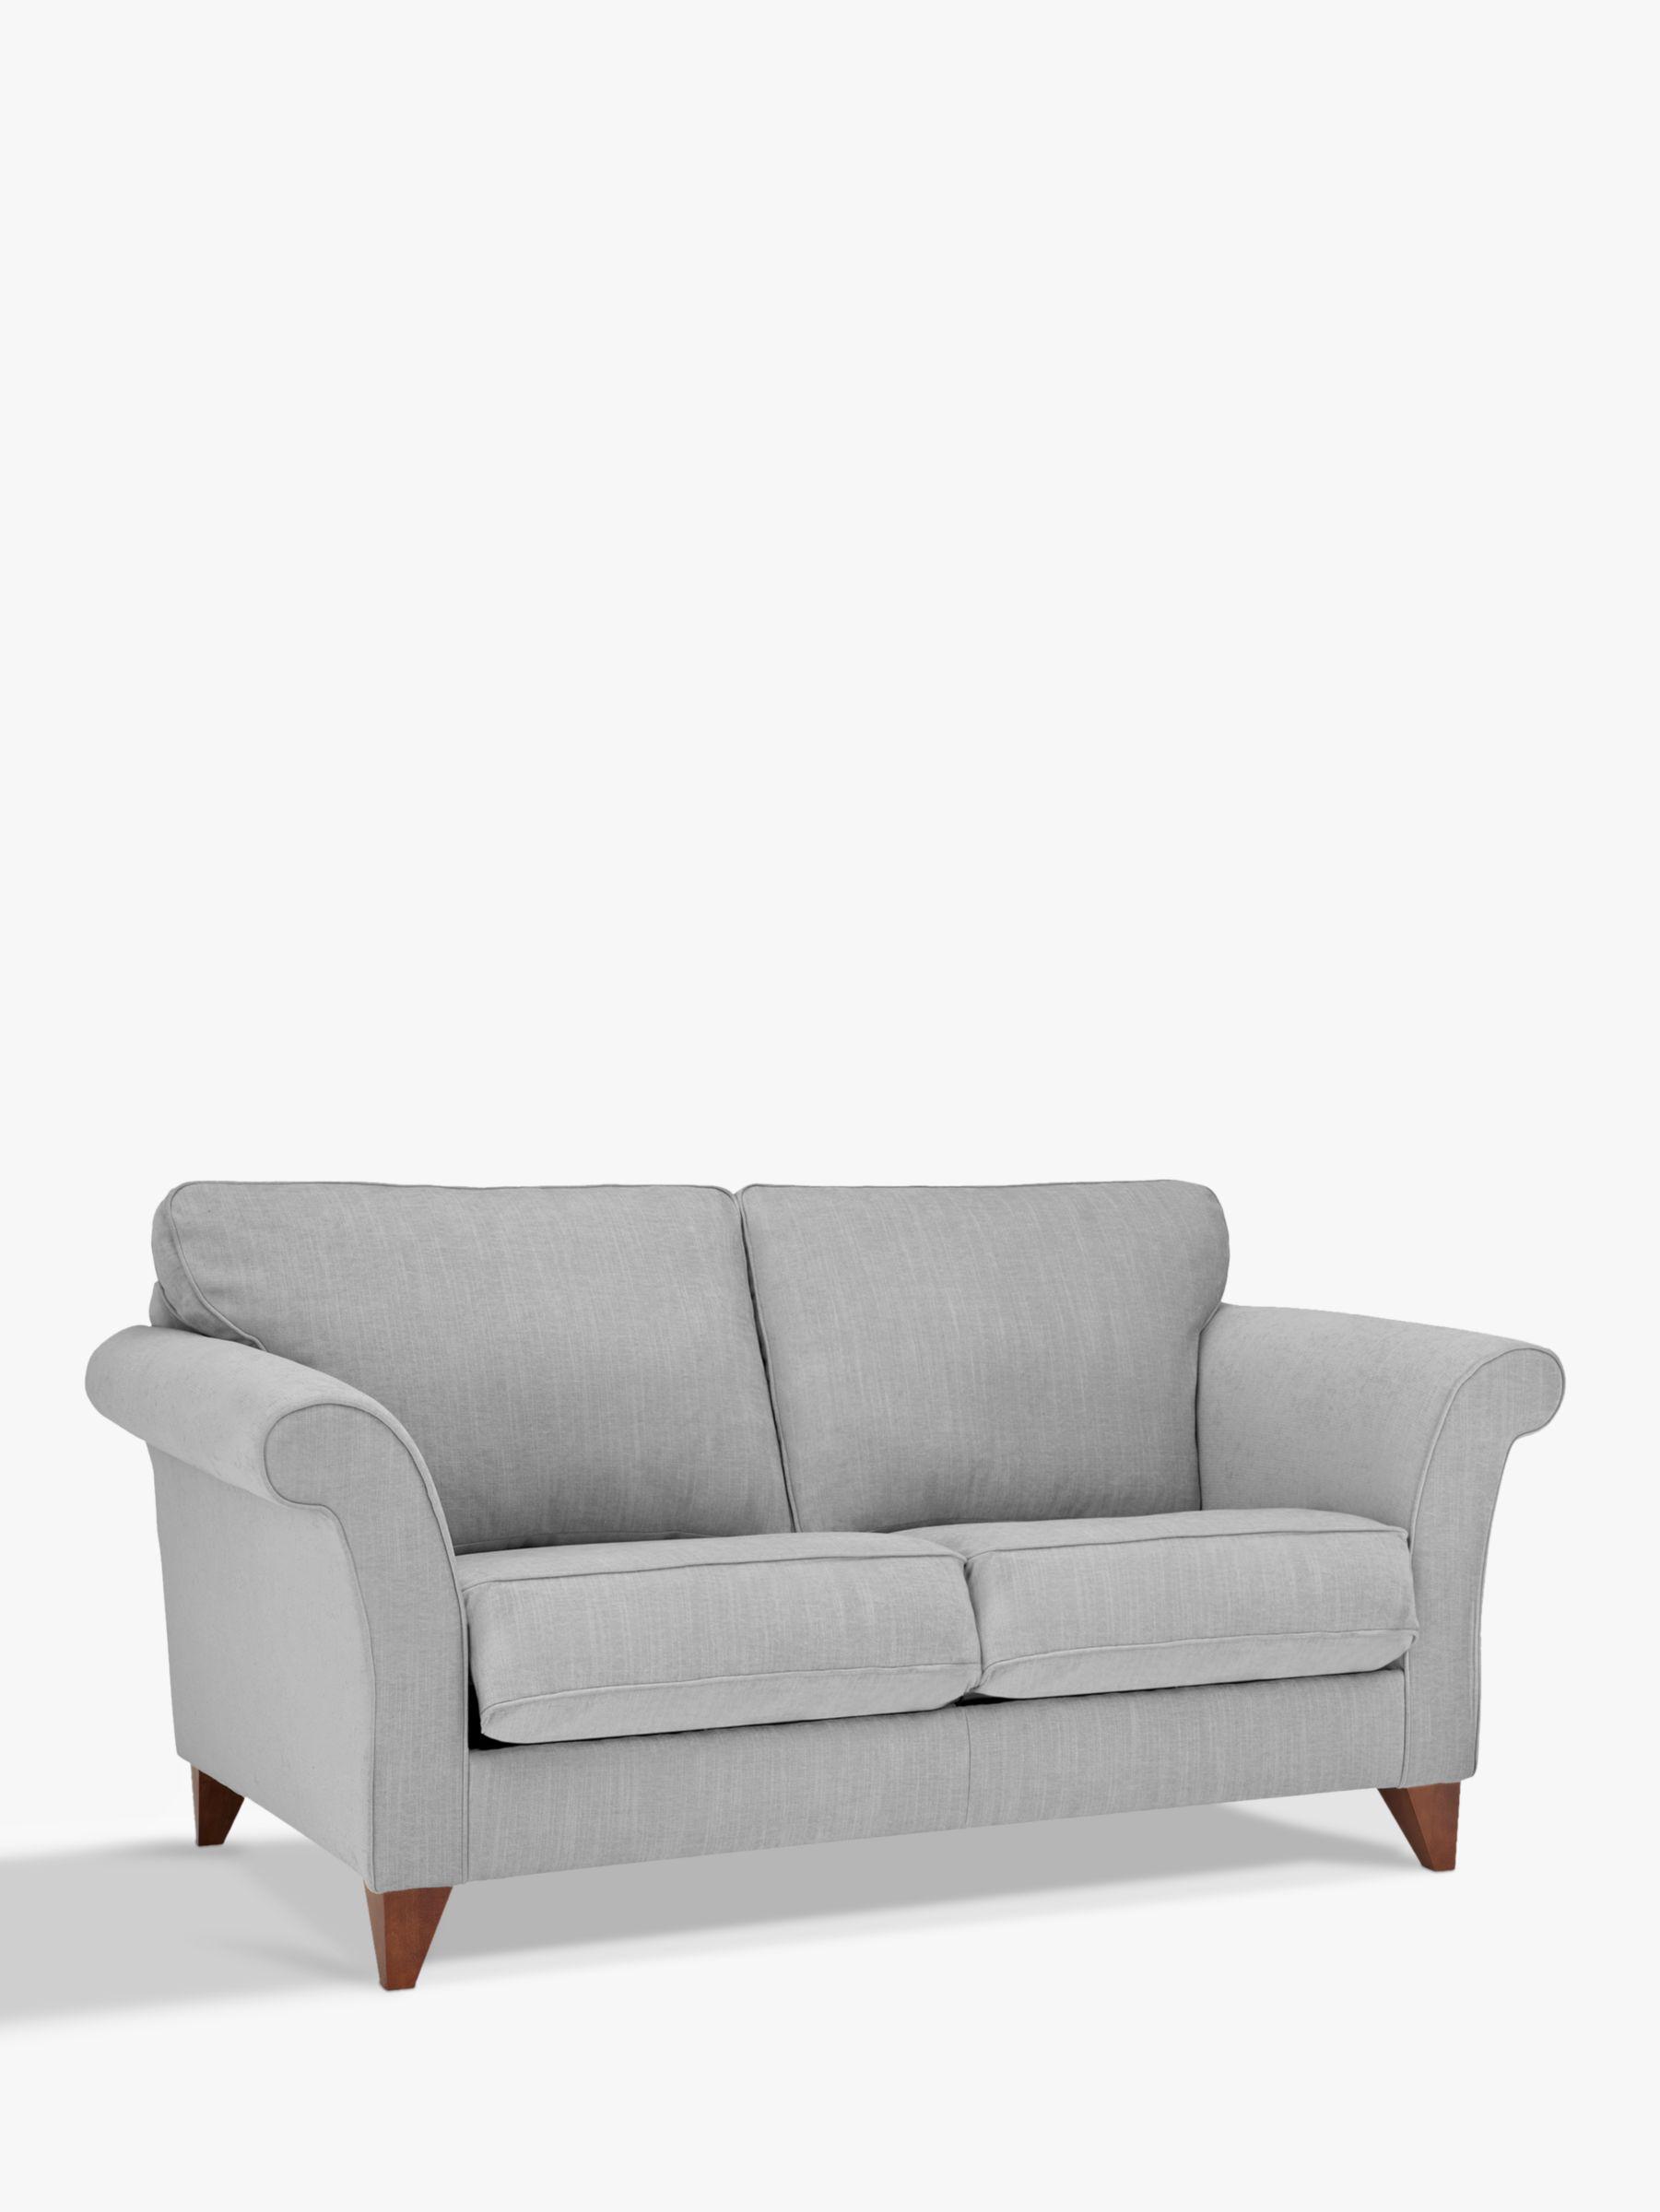 htl sofa range pillows covers john lewis partners charlotte medium 2 seater at buyjohn online johnlewis